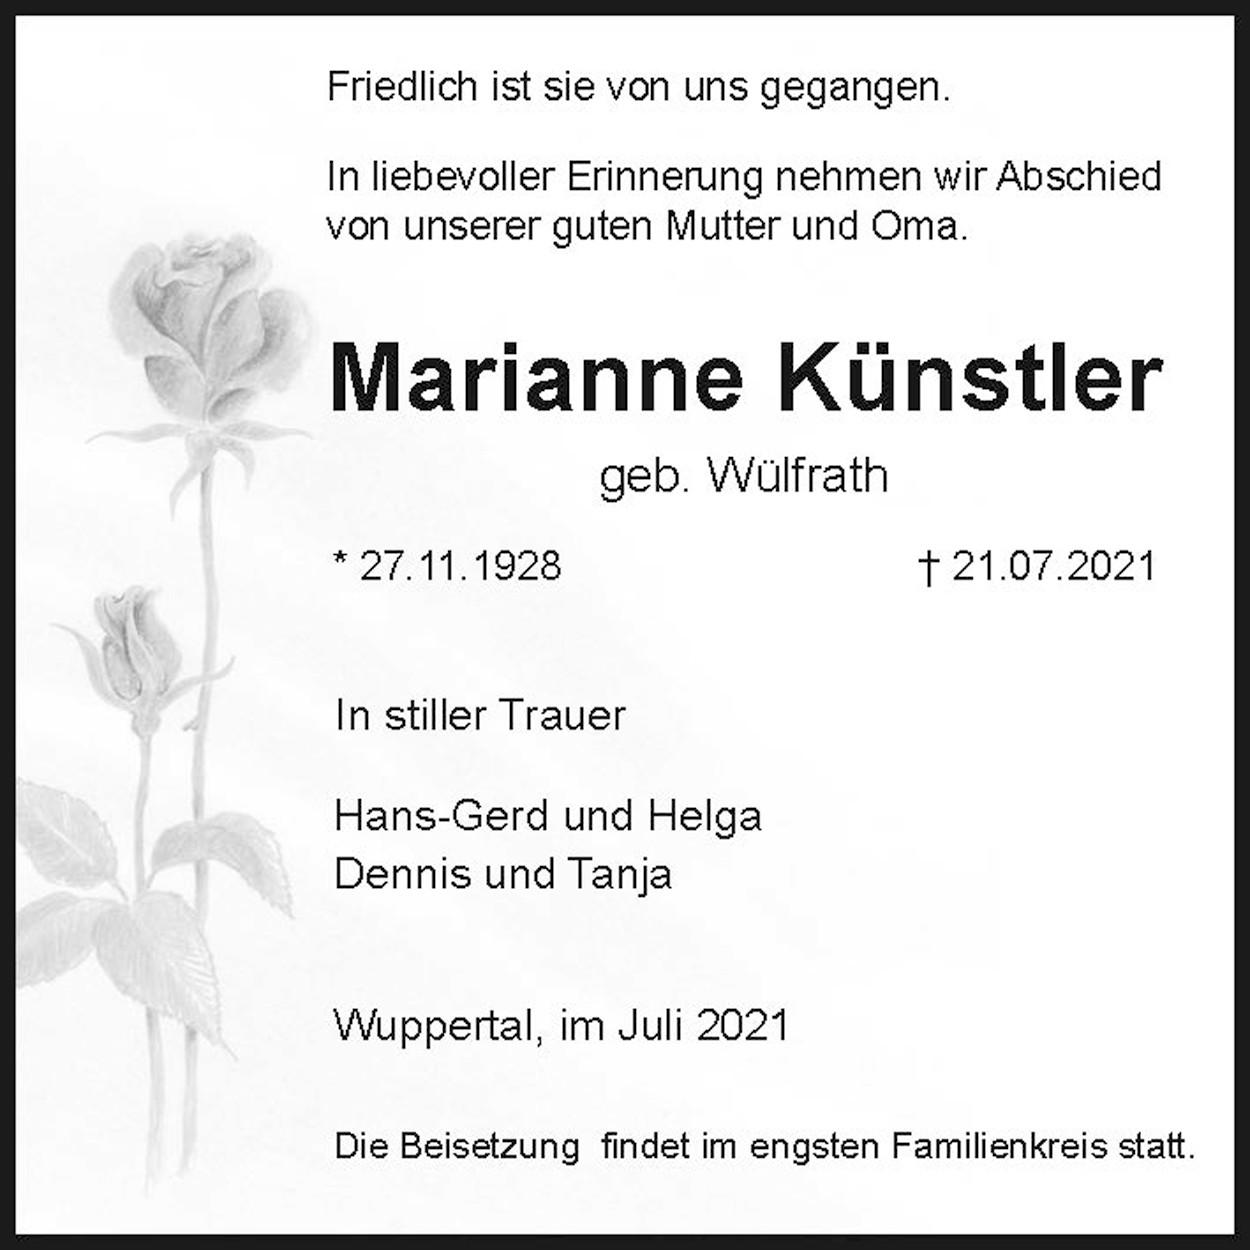 Marianne Künstler